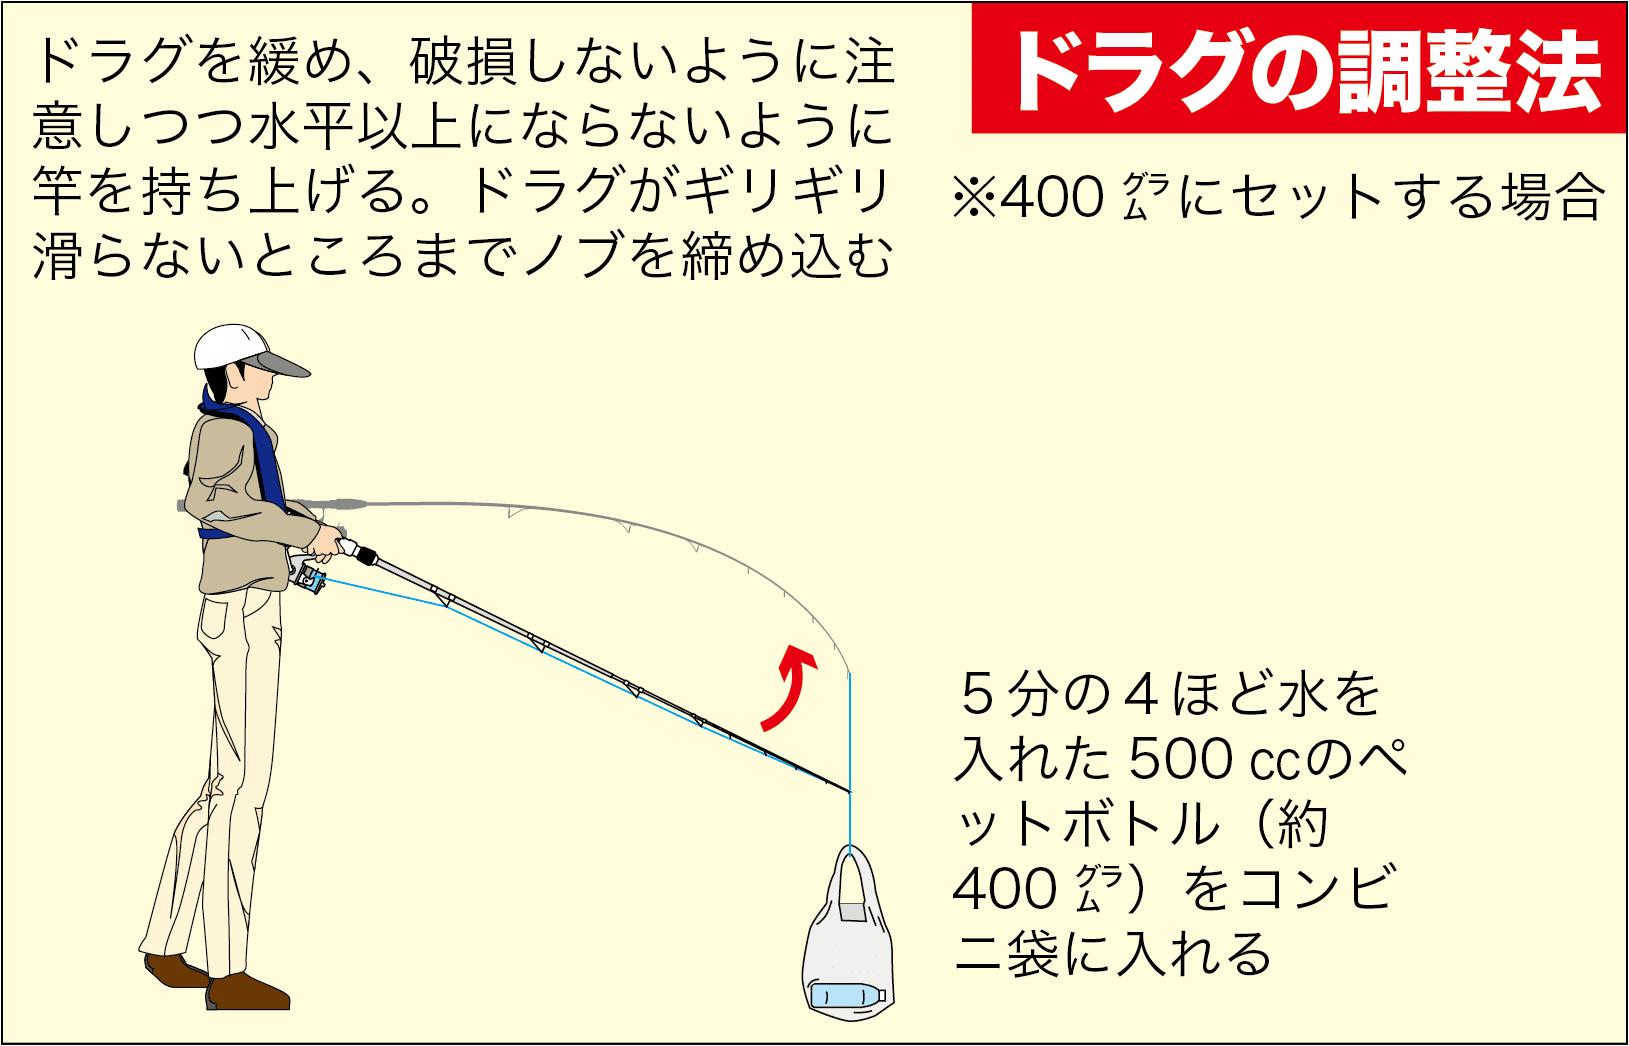 エギング+α神子漁港4